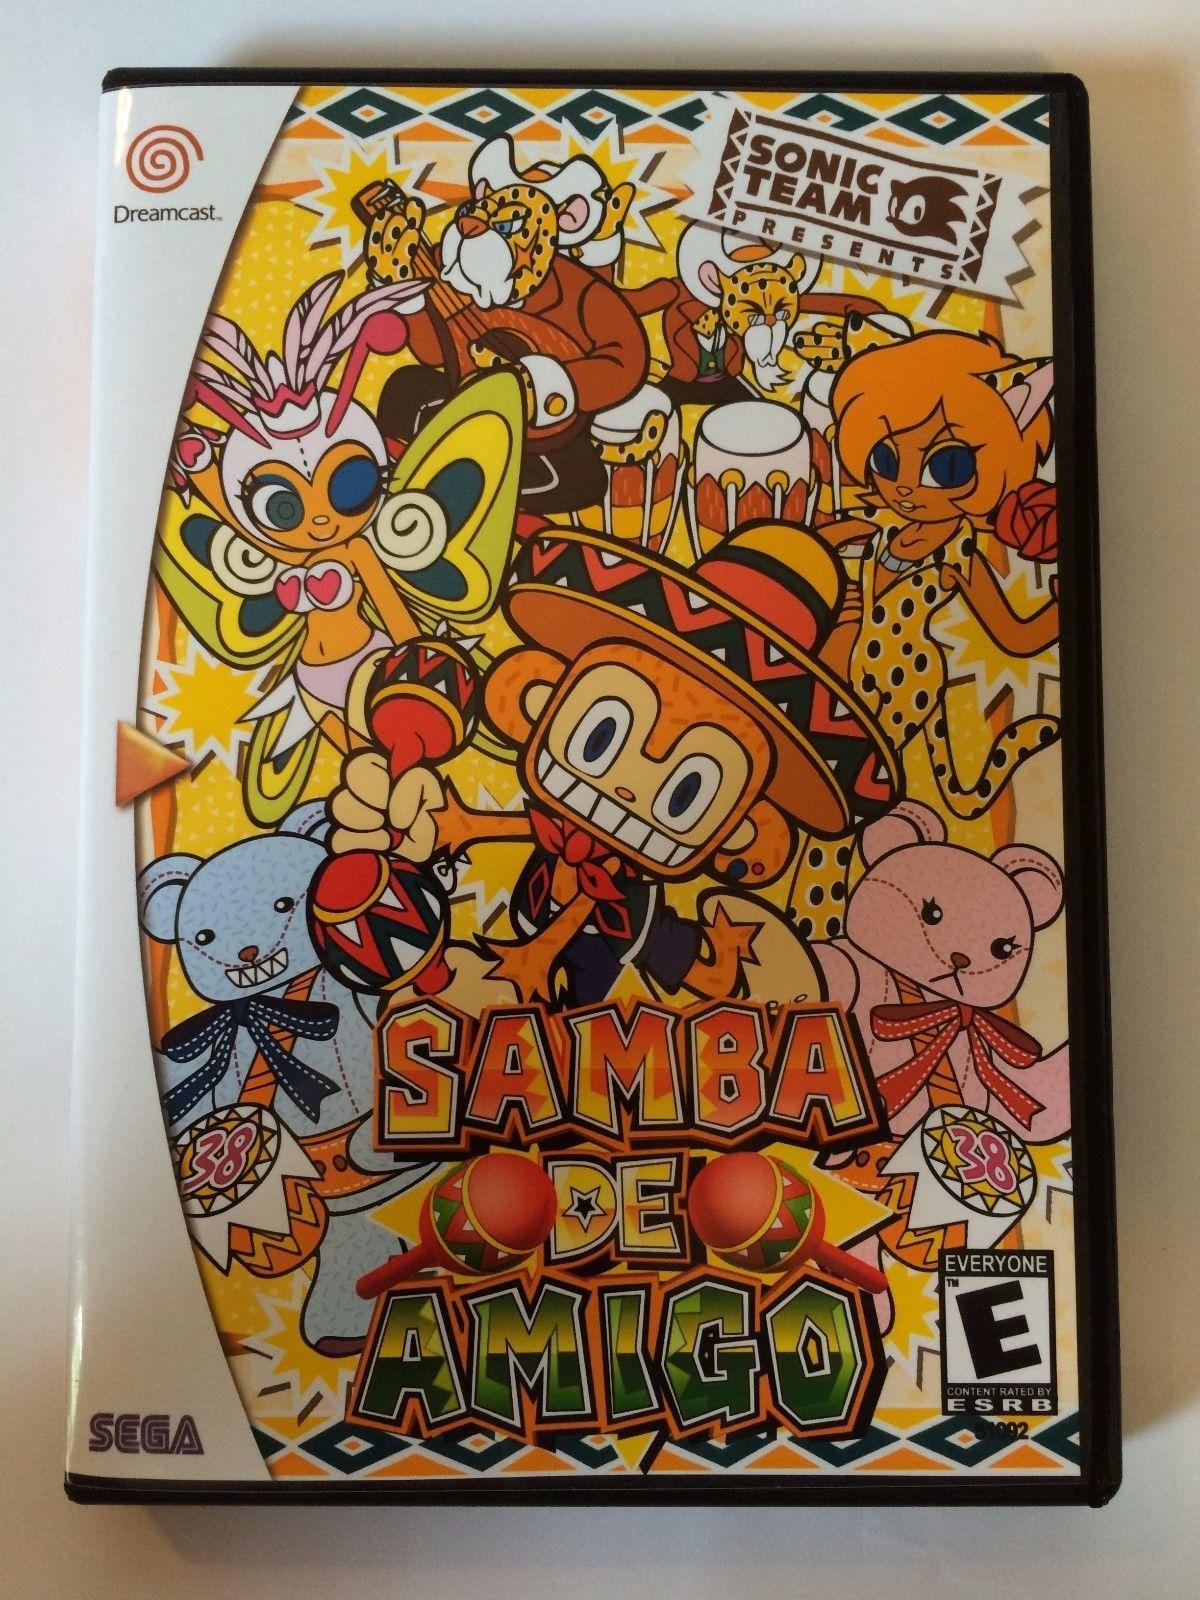 Samba De Amigo - Sega Dreamcast - Replacement Case - No Game